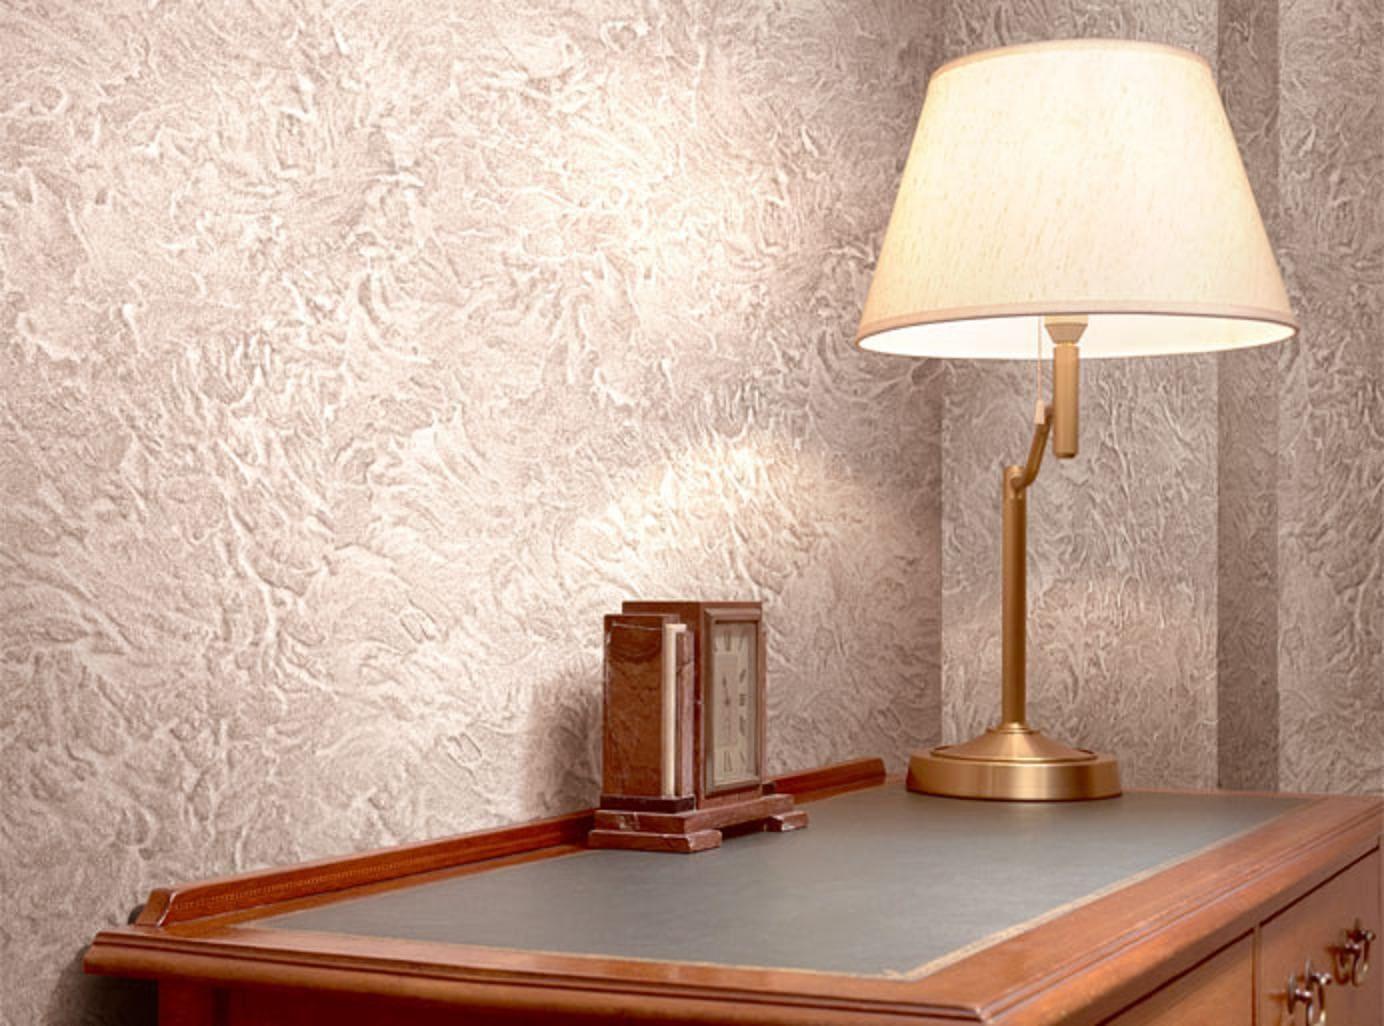 Декоративная штукатурка - лучшие красивые варианты отделки стен в интерьере 179